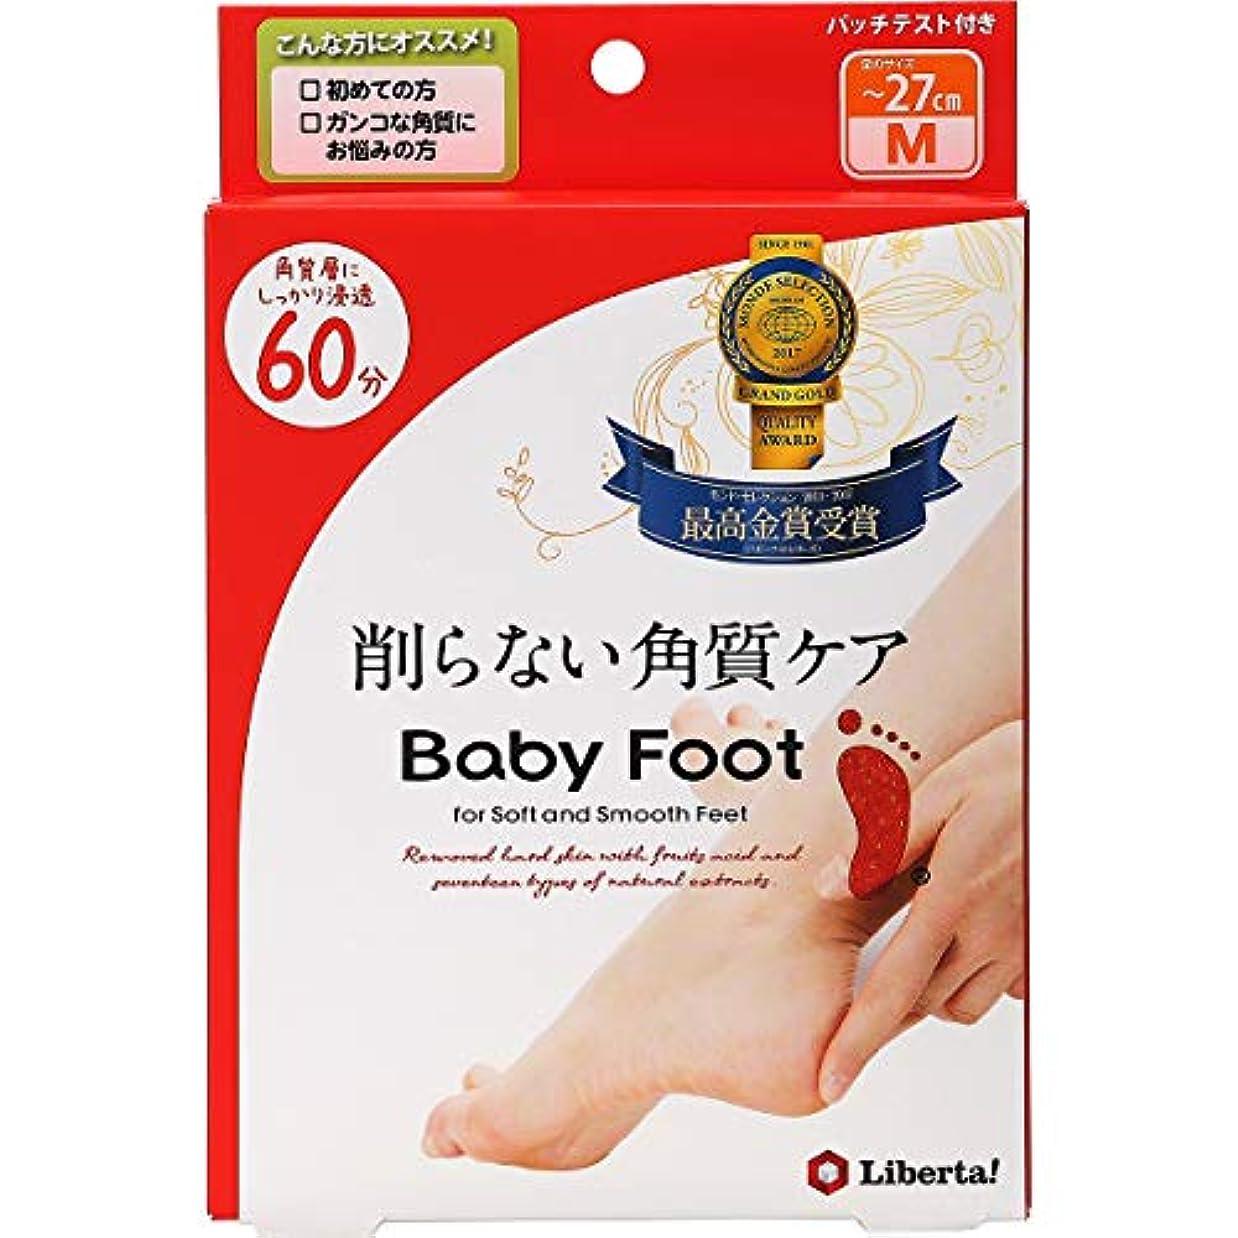 外交官放射性フルーティーベビーフット (Baby Foot) ベビーフット イージーパック SPT60分タイプ Mサイズ 単品